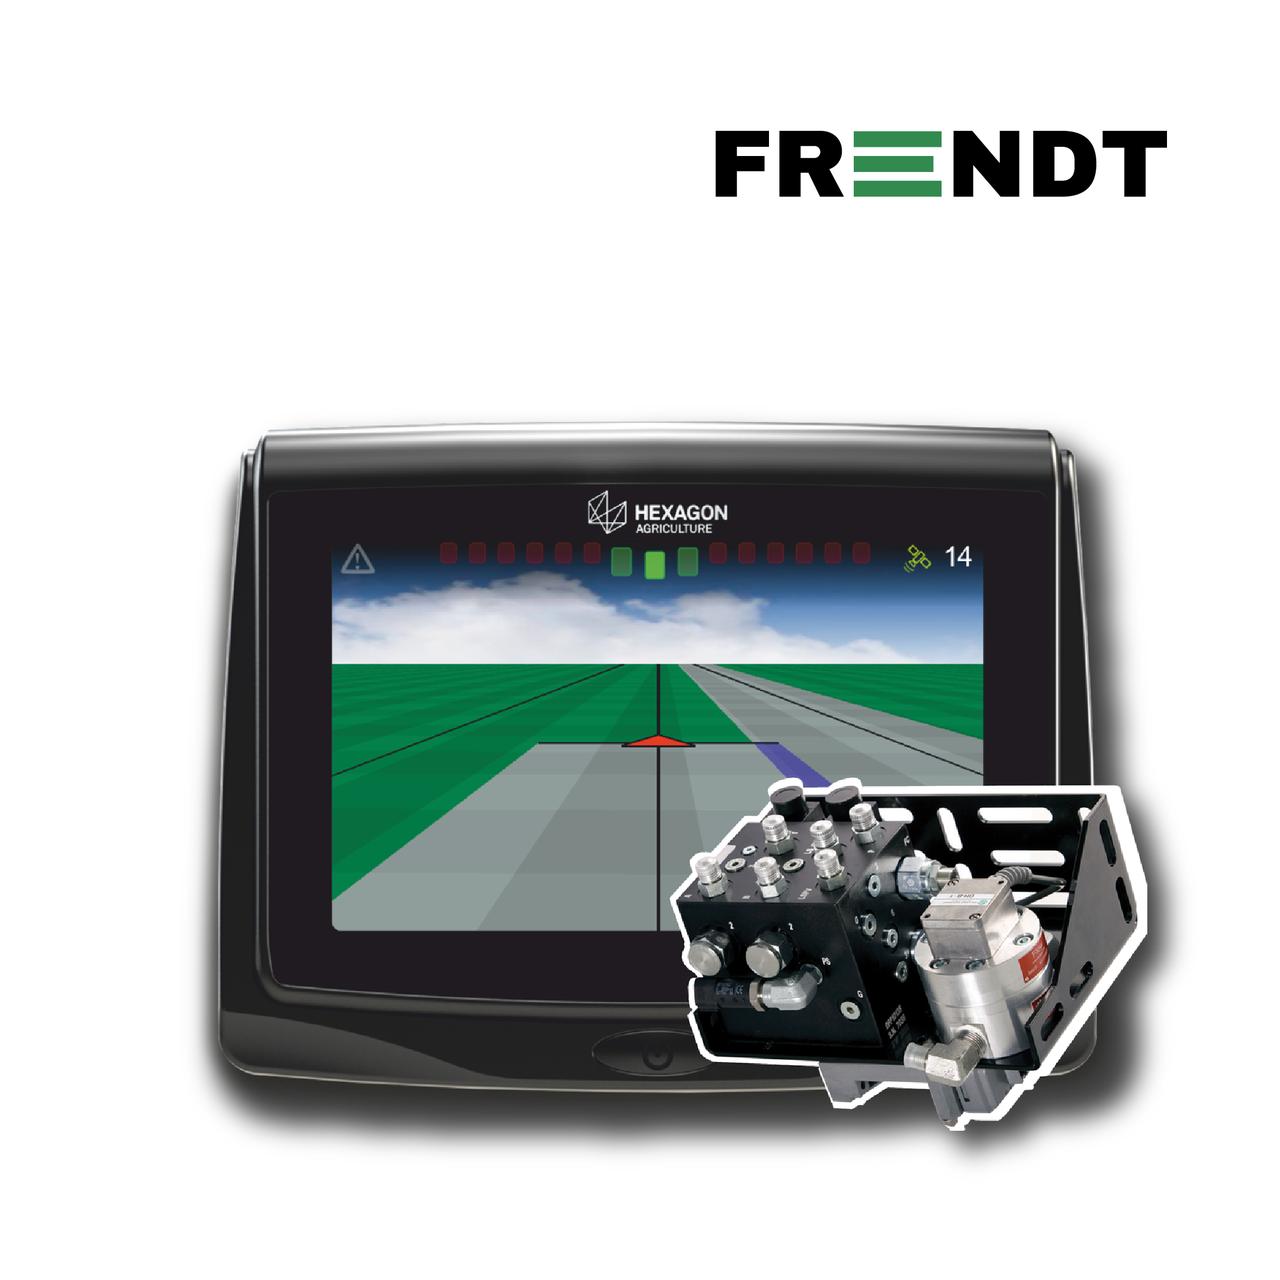 Система автоматического вождения (автопилот) Hexagon на Fendt